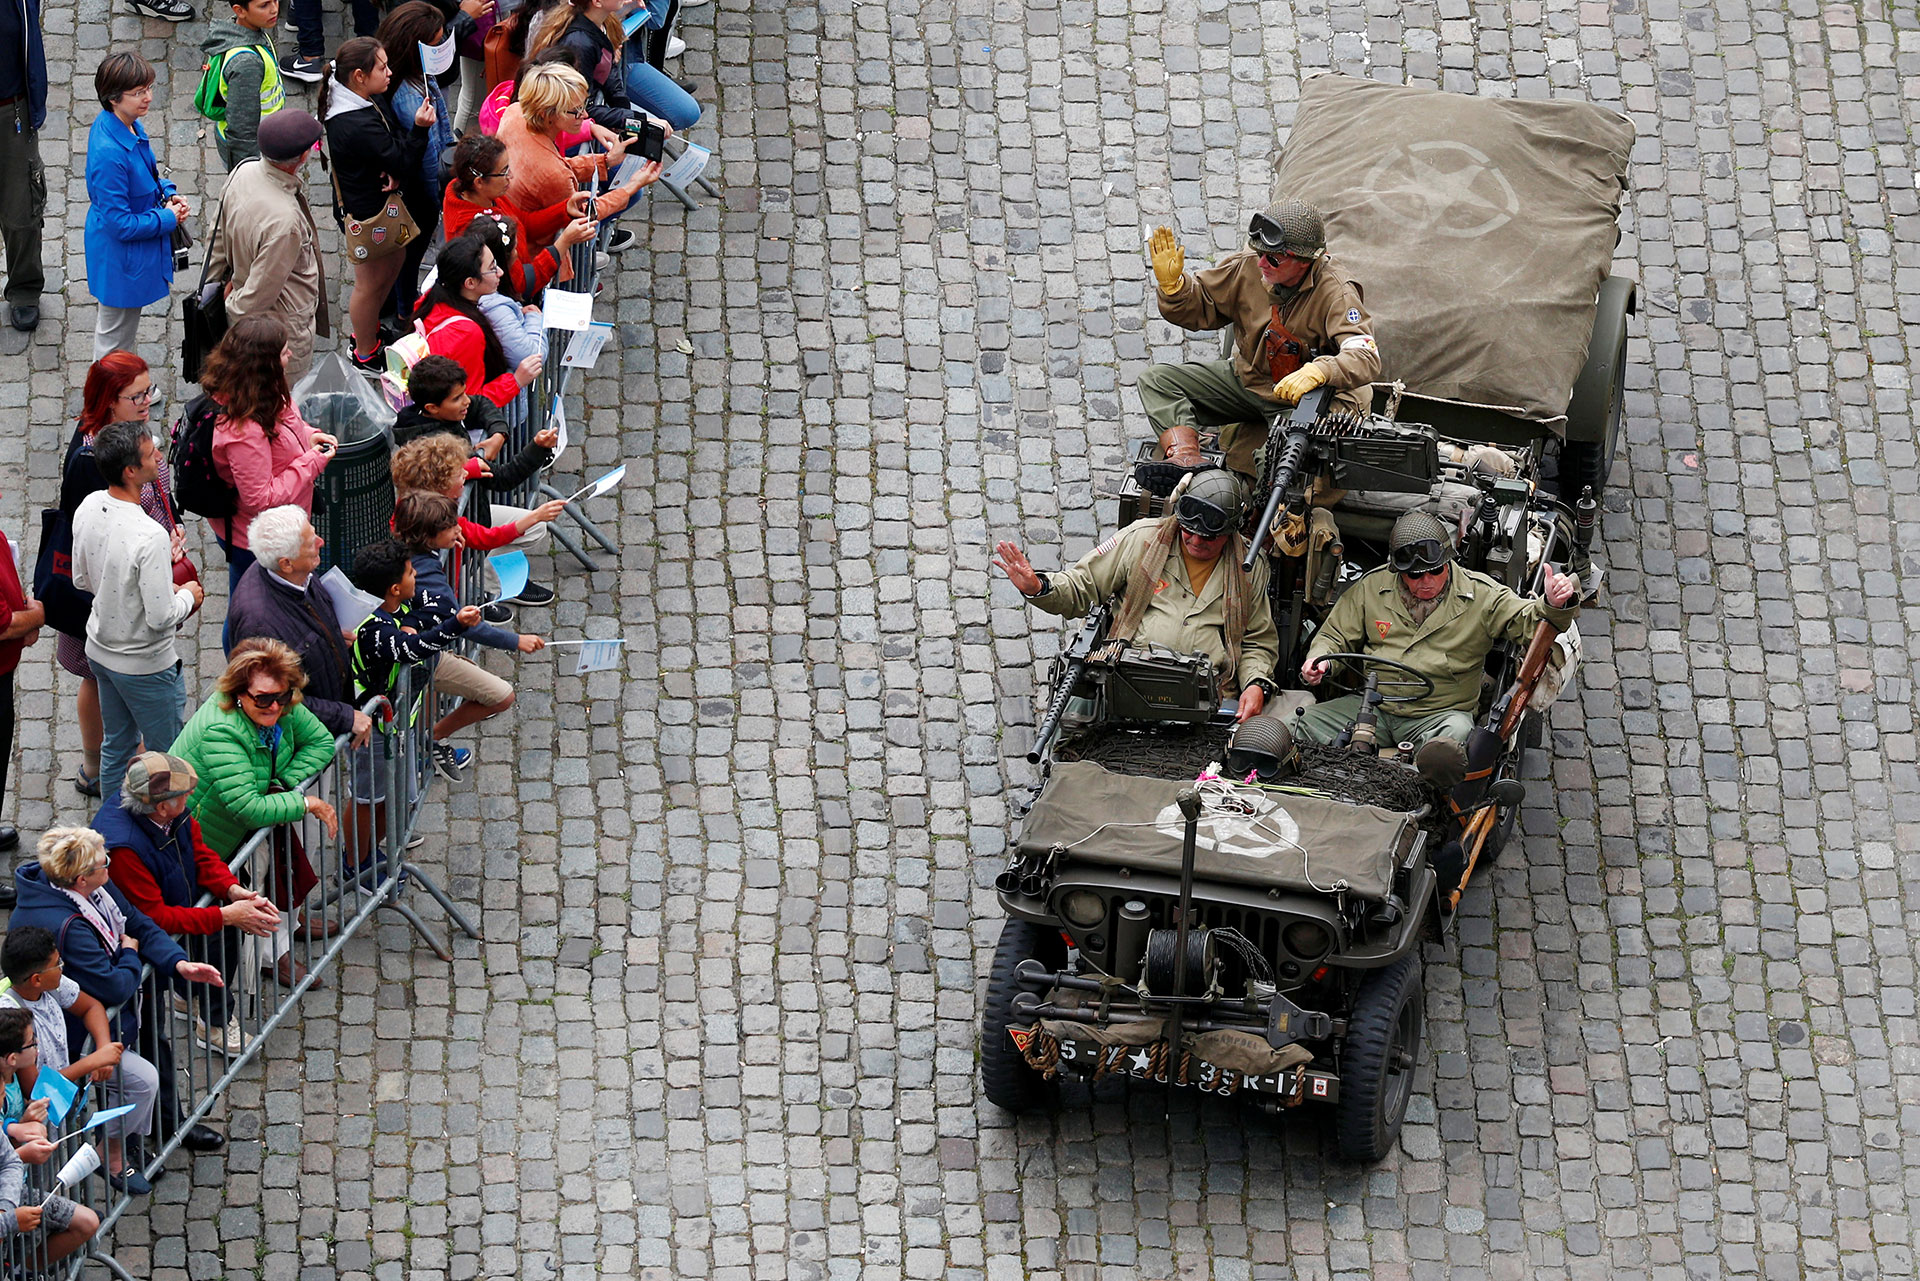 Entusiastas históricos recrean la entrada de las tropas estadounidenses a bordo de un jeep por las calles de Bruselas (Reuters)